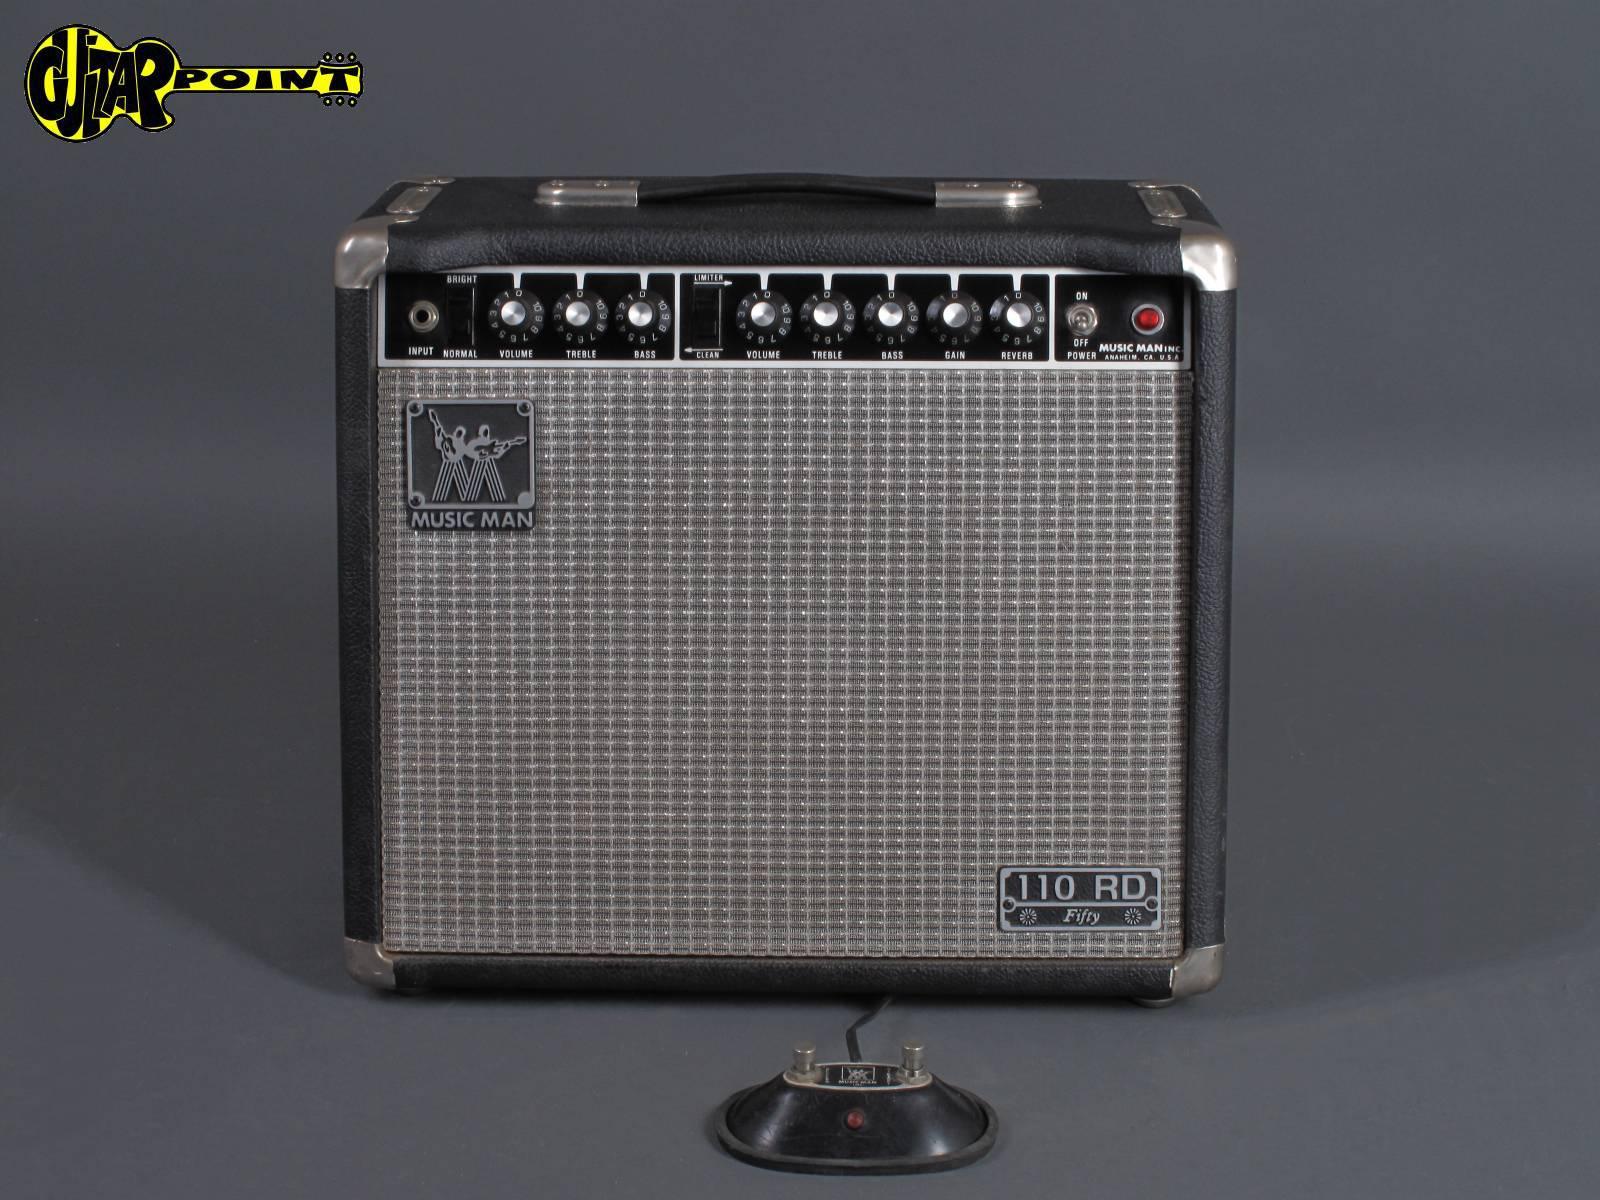 1982 Music Man 110 RD Fifty - 50 Watt